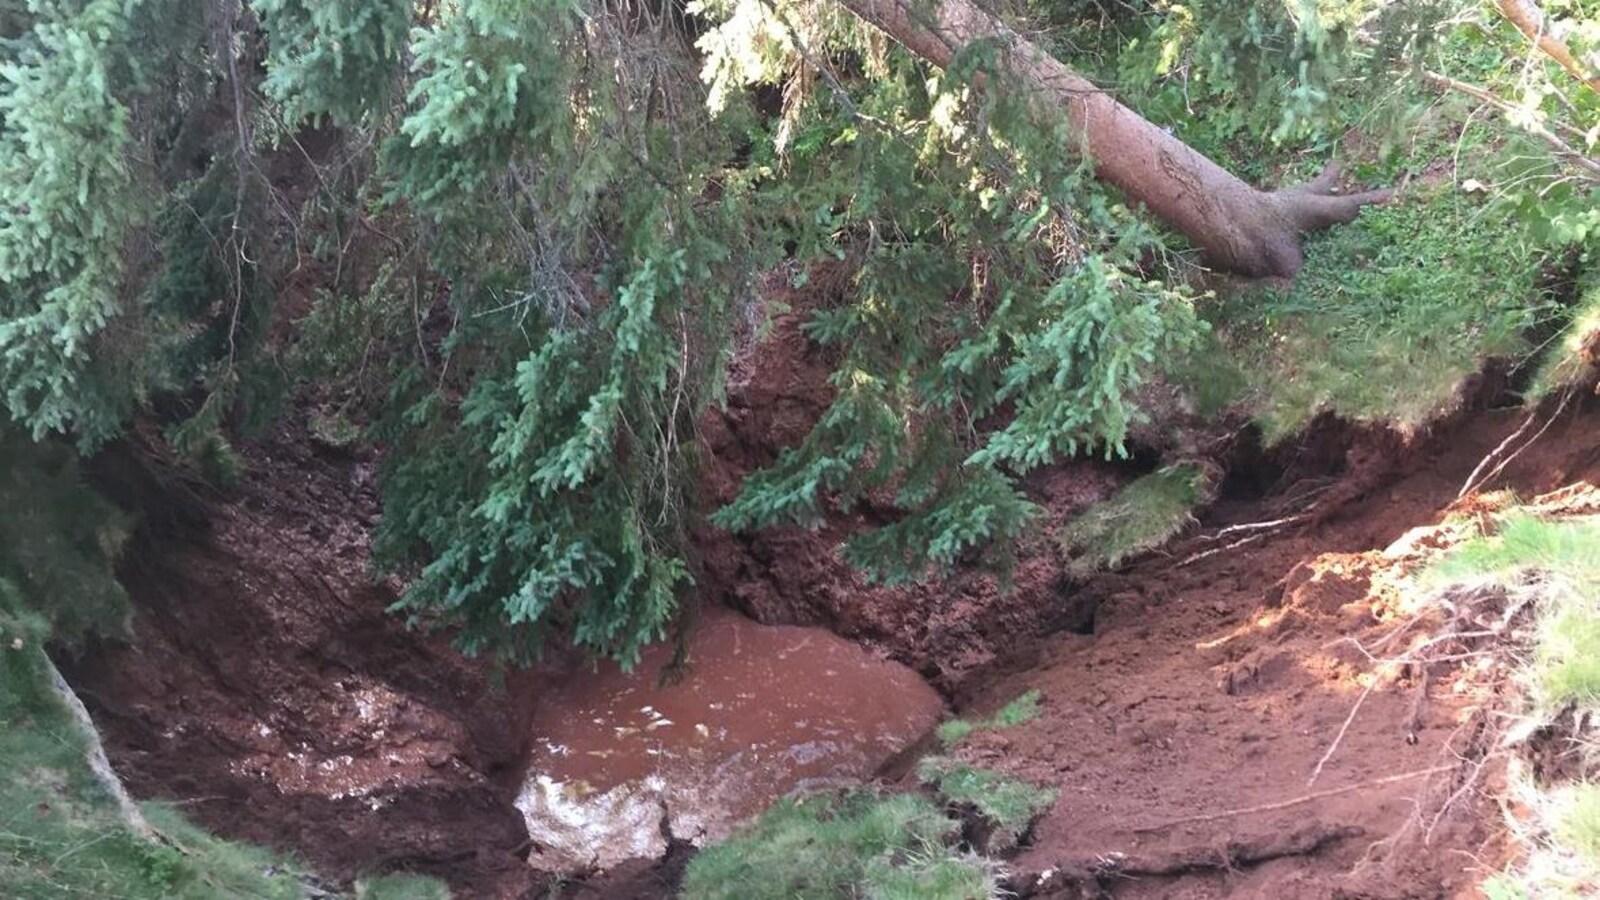 Un arbre déraciné menace de tomber dans une doline à Oxford, en Nouvelle-Écosse, en août 2018.